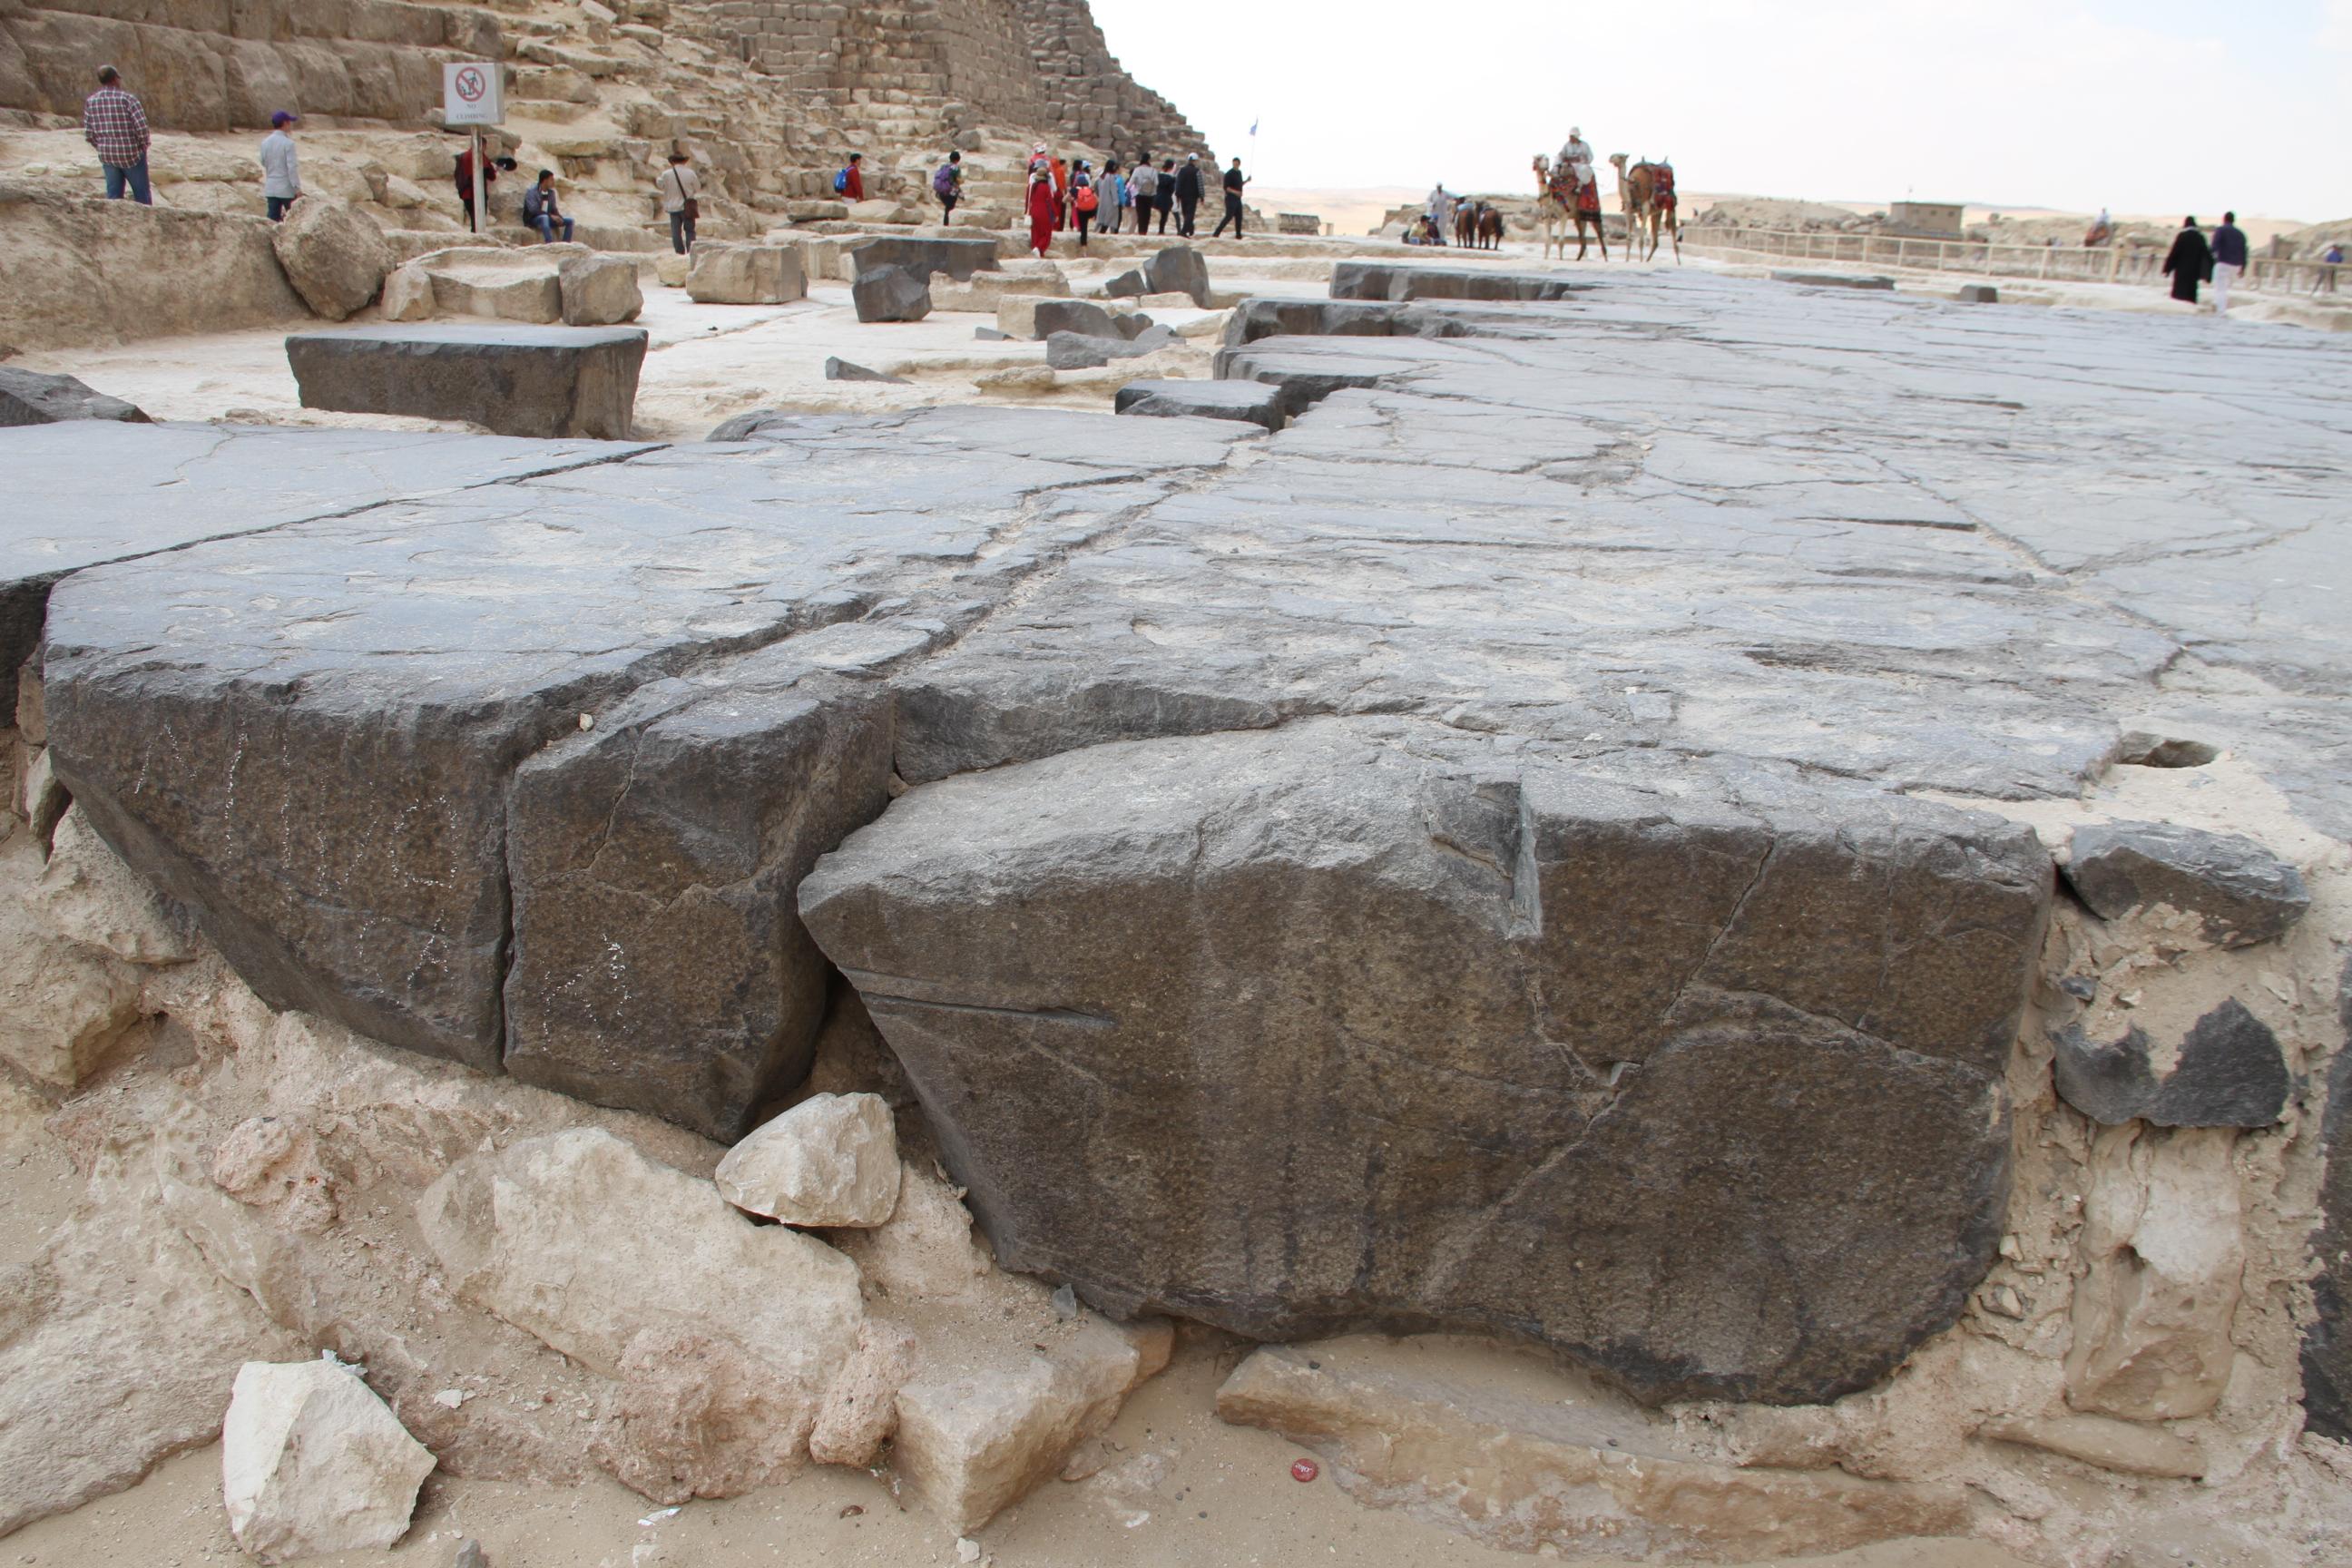 Базальтовый пол перед пирамидой Хеопса. Видны «следы таинственных инструментов»